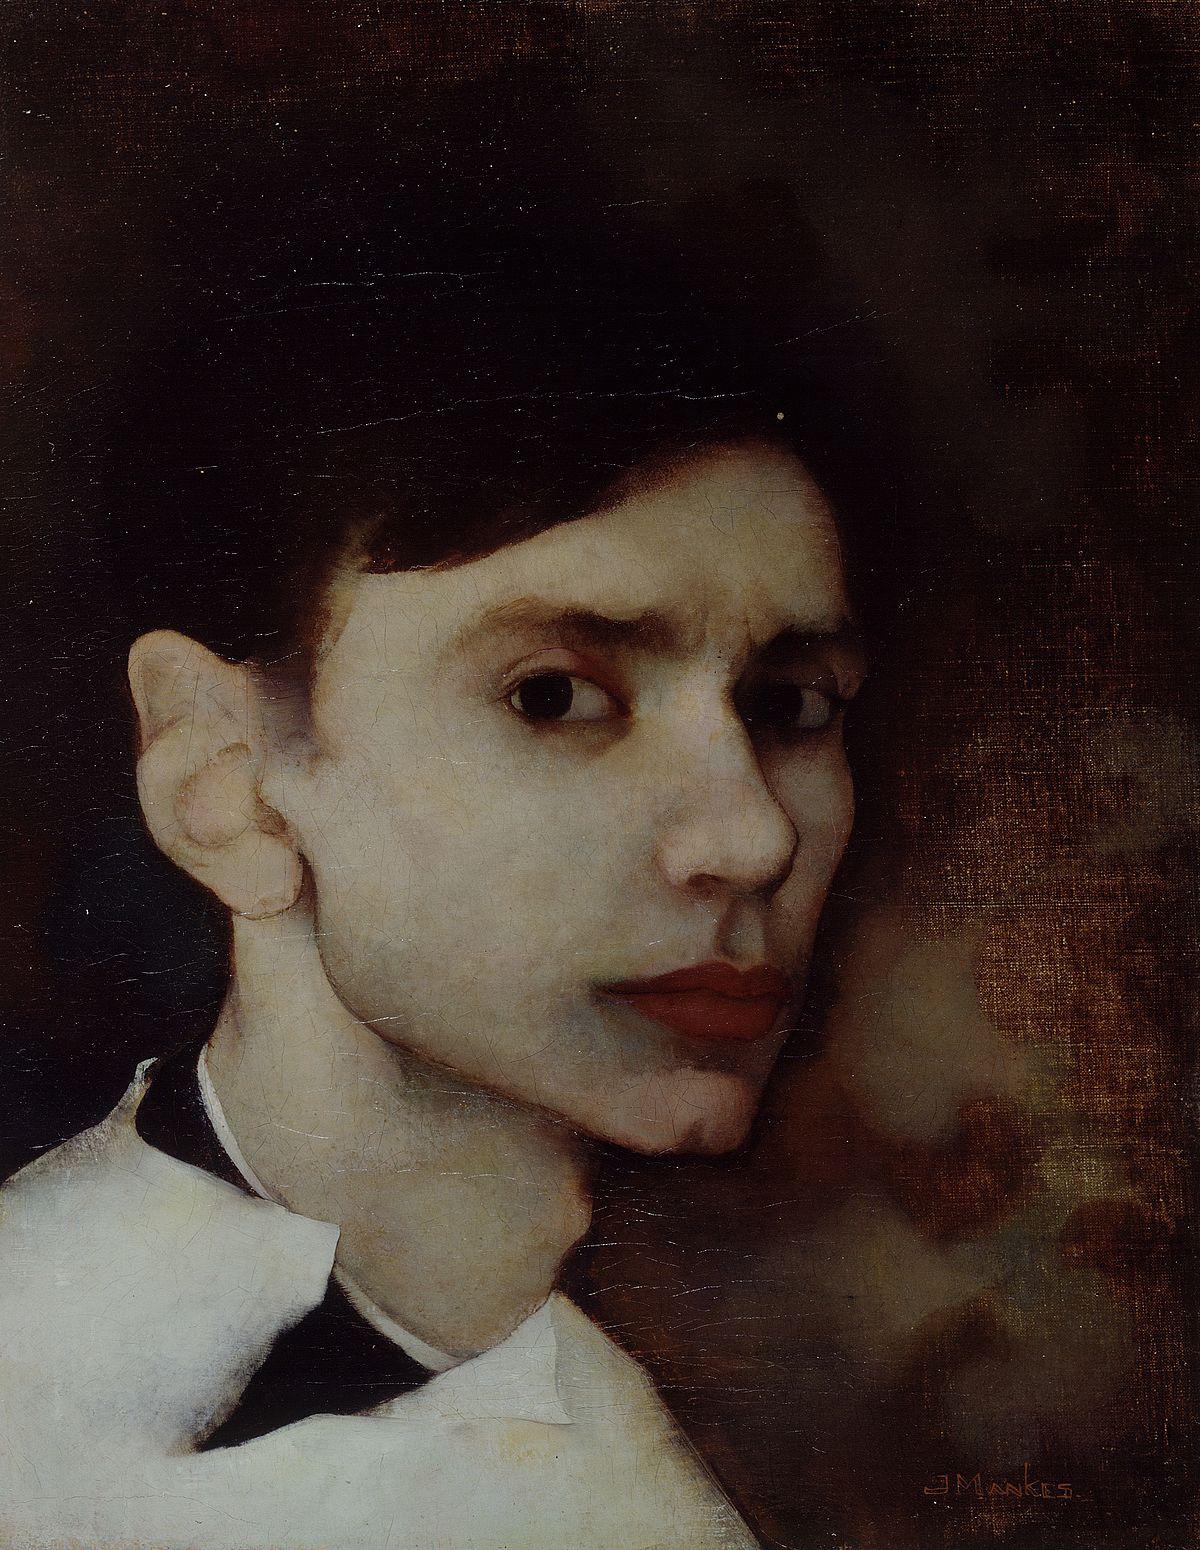 Mankes_Zelfportret_1912.jpg